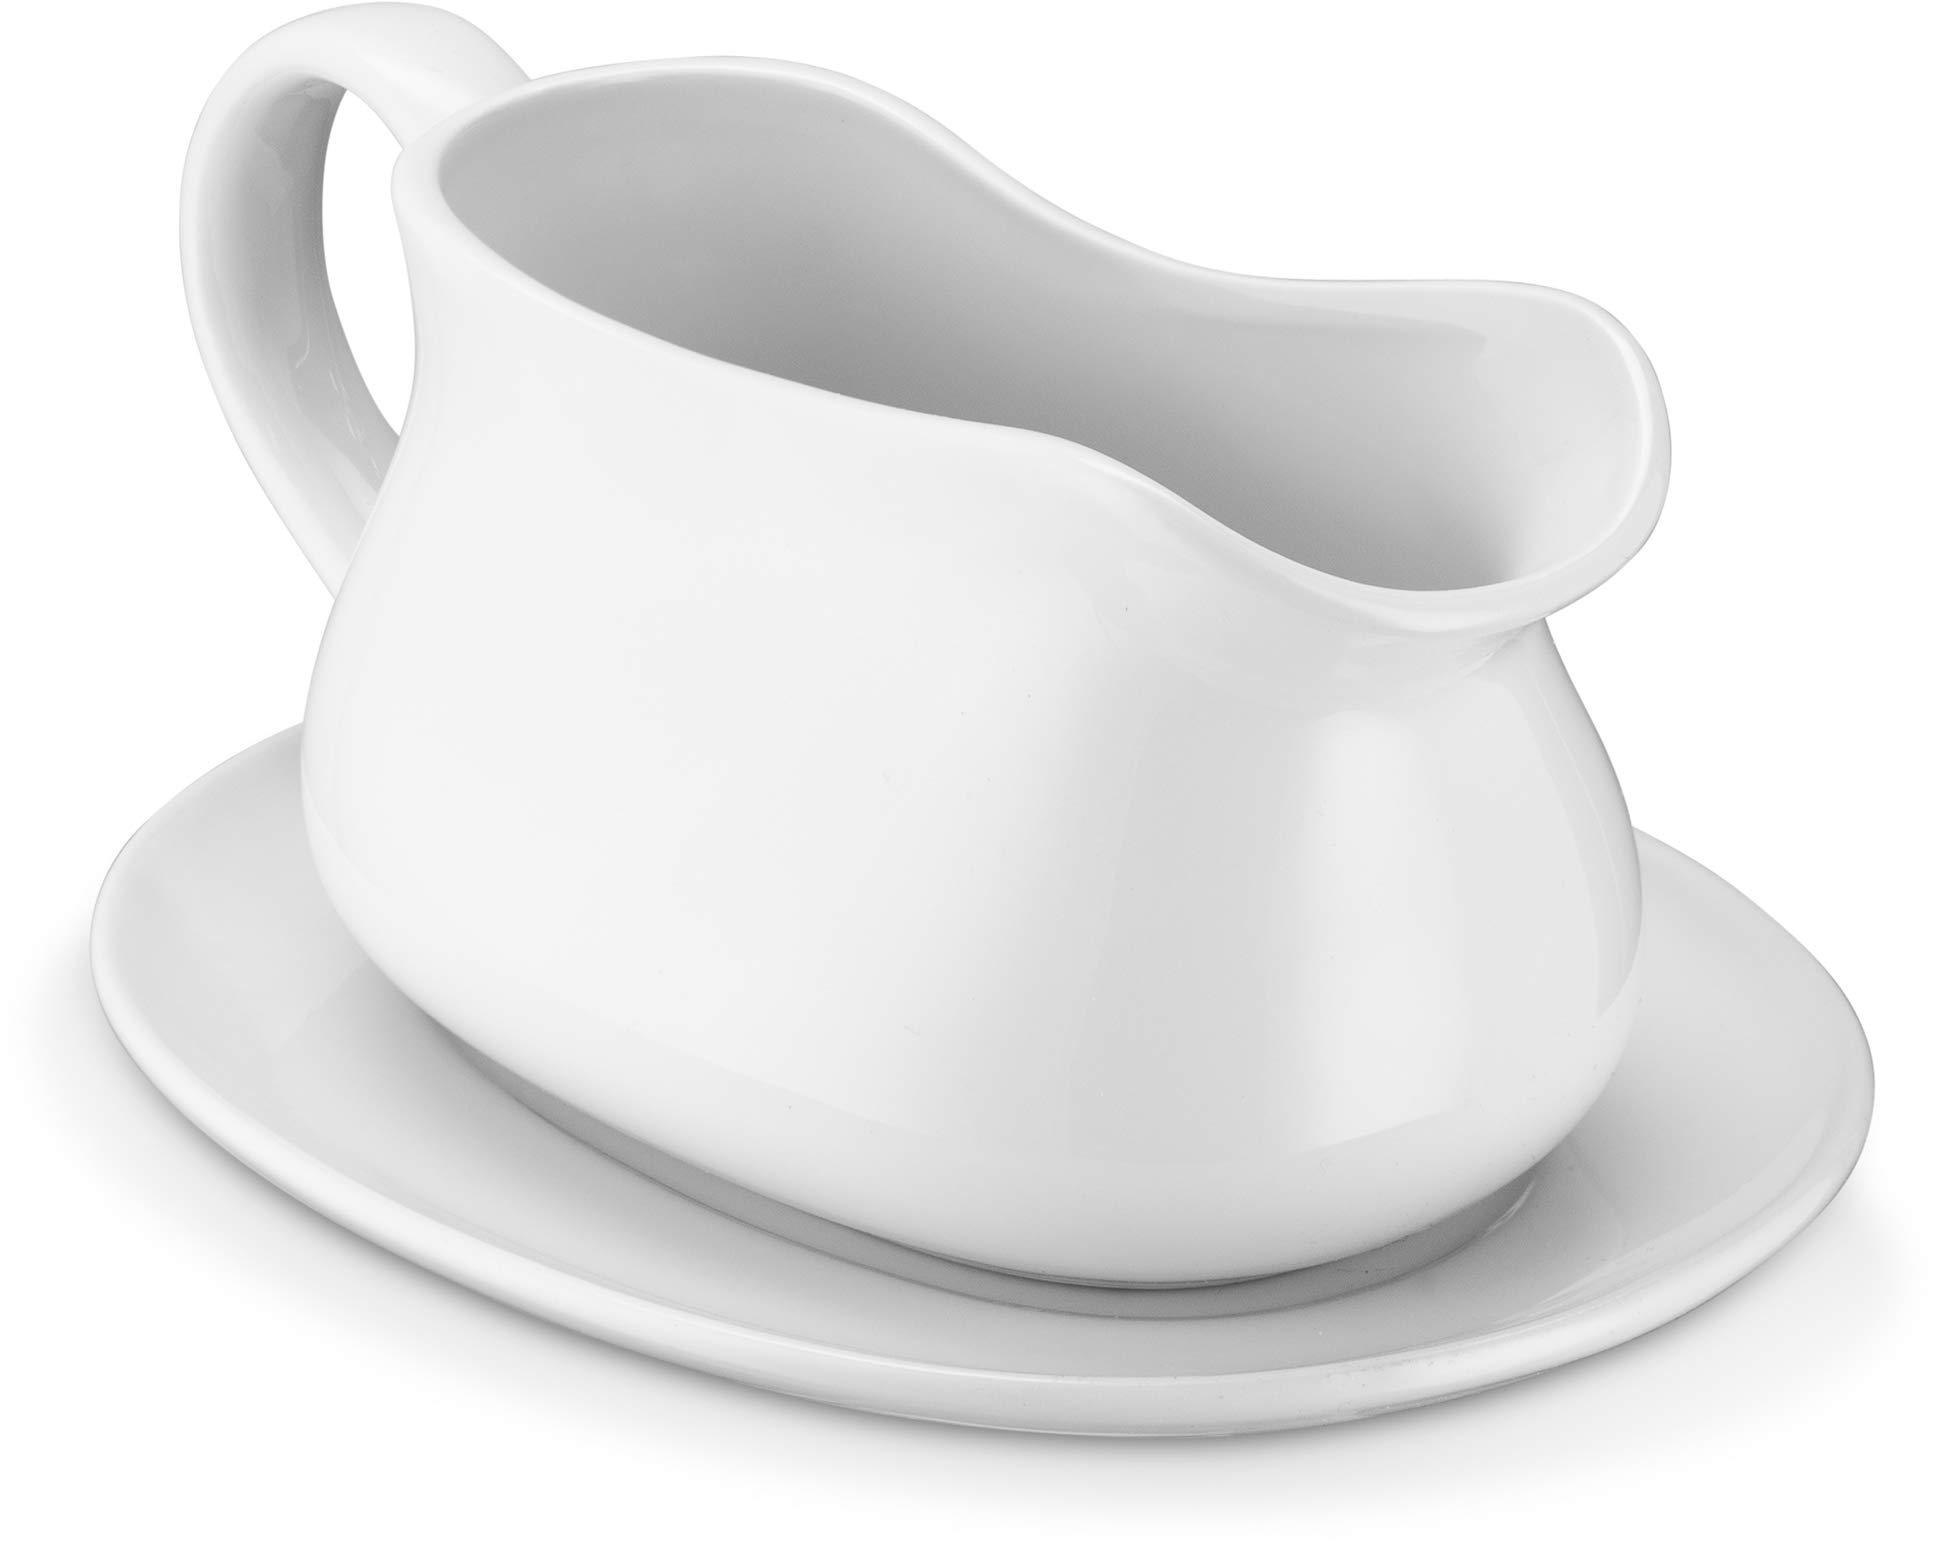 KooK Gravy Boat Ceramic White